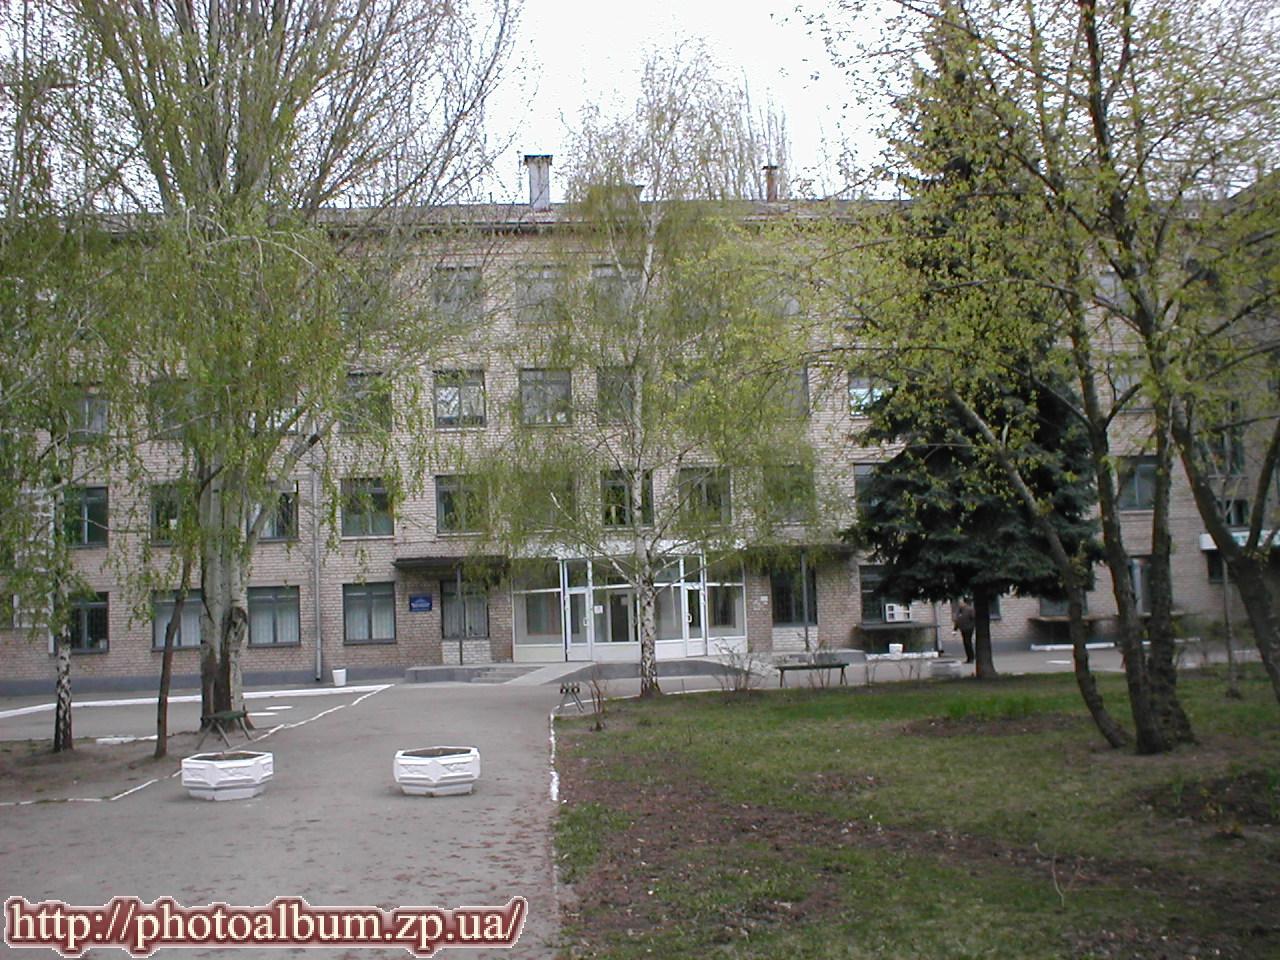 В предверии 8 марта активисты поздравили рожениц луганской больницы 3 (фото)